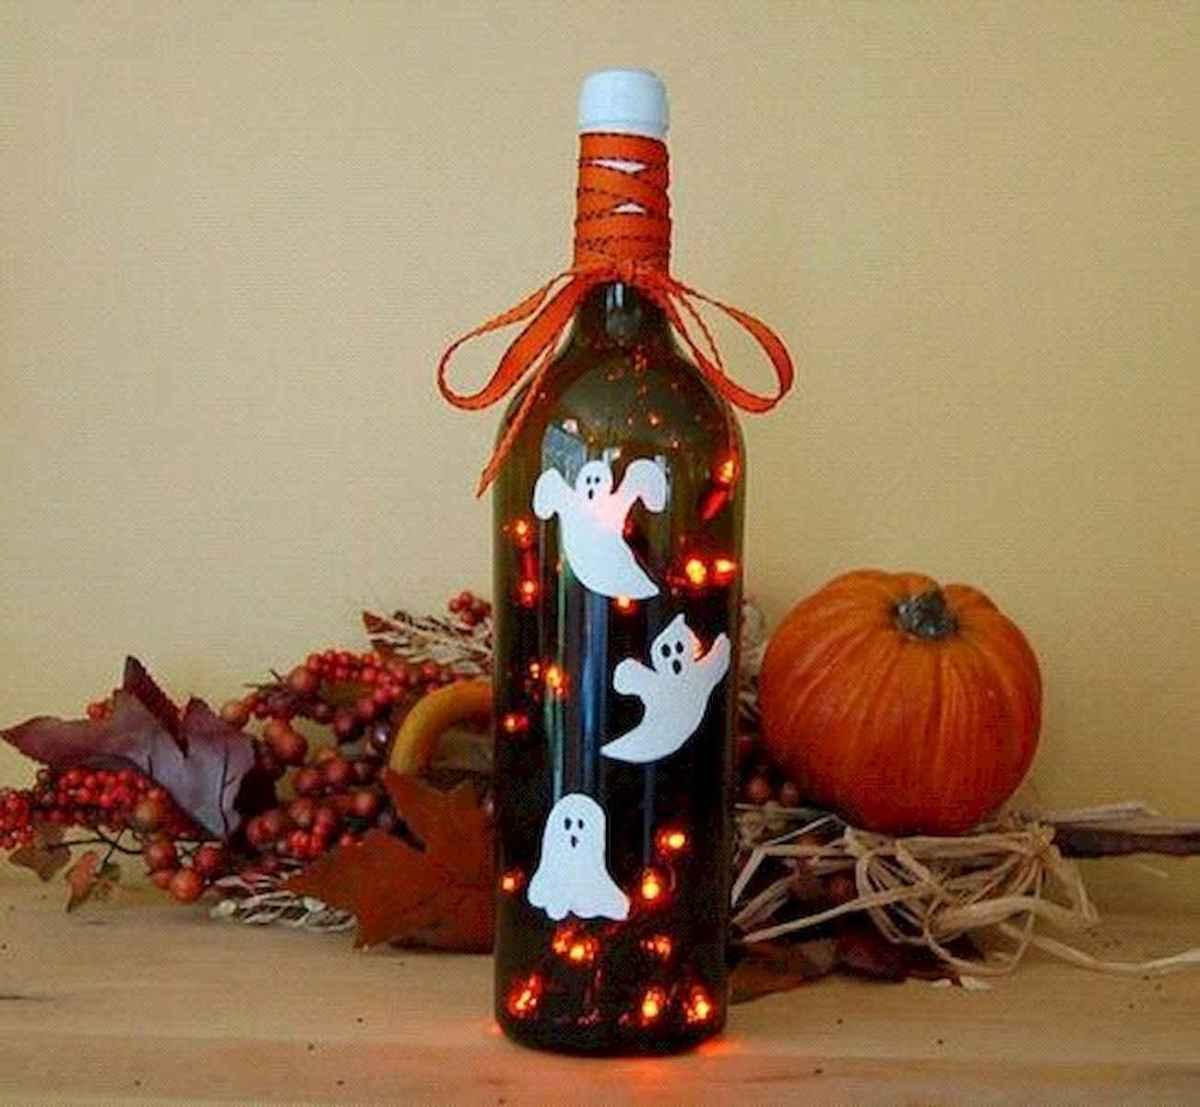 25 Creative Indoor Halloween Decorations Ideas (2)